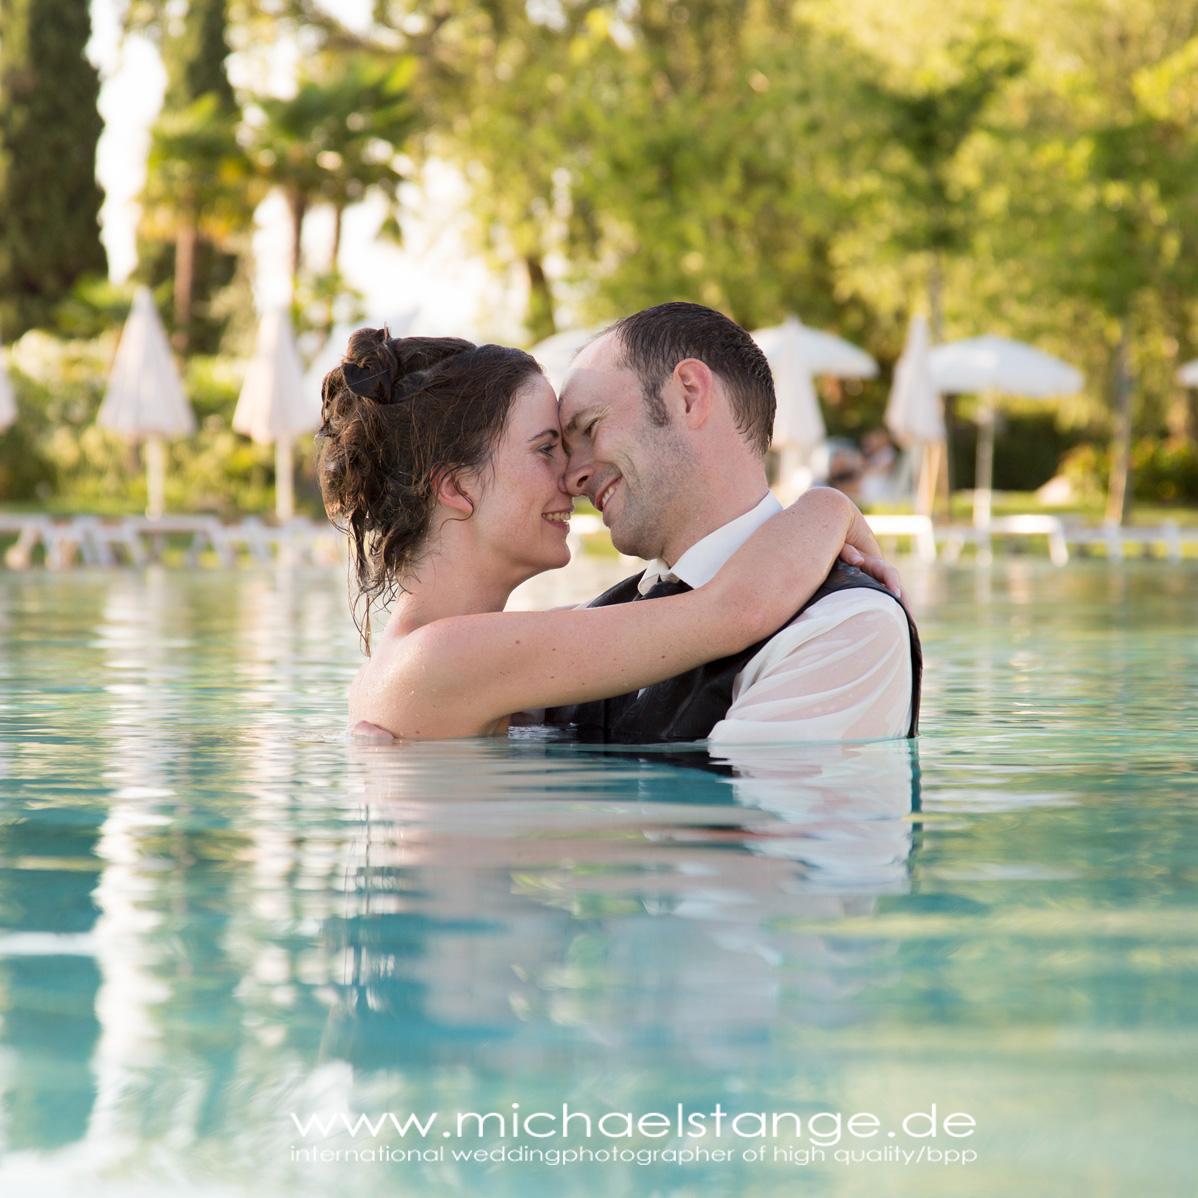 215 Hochzeitsfotograf Michael Stange Baltrum Osnabrueck